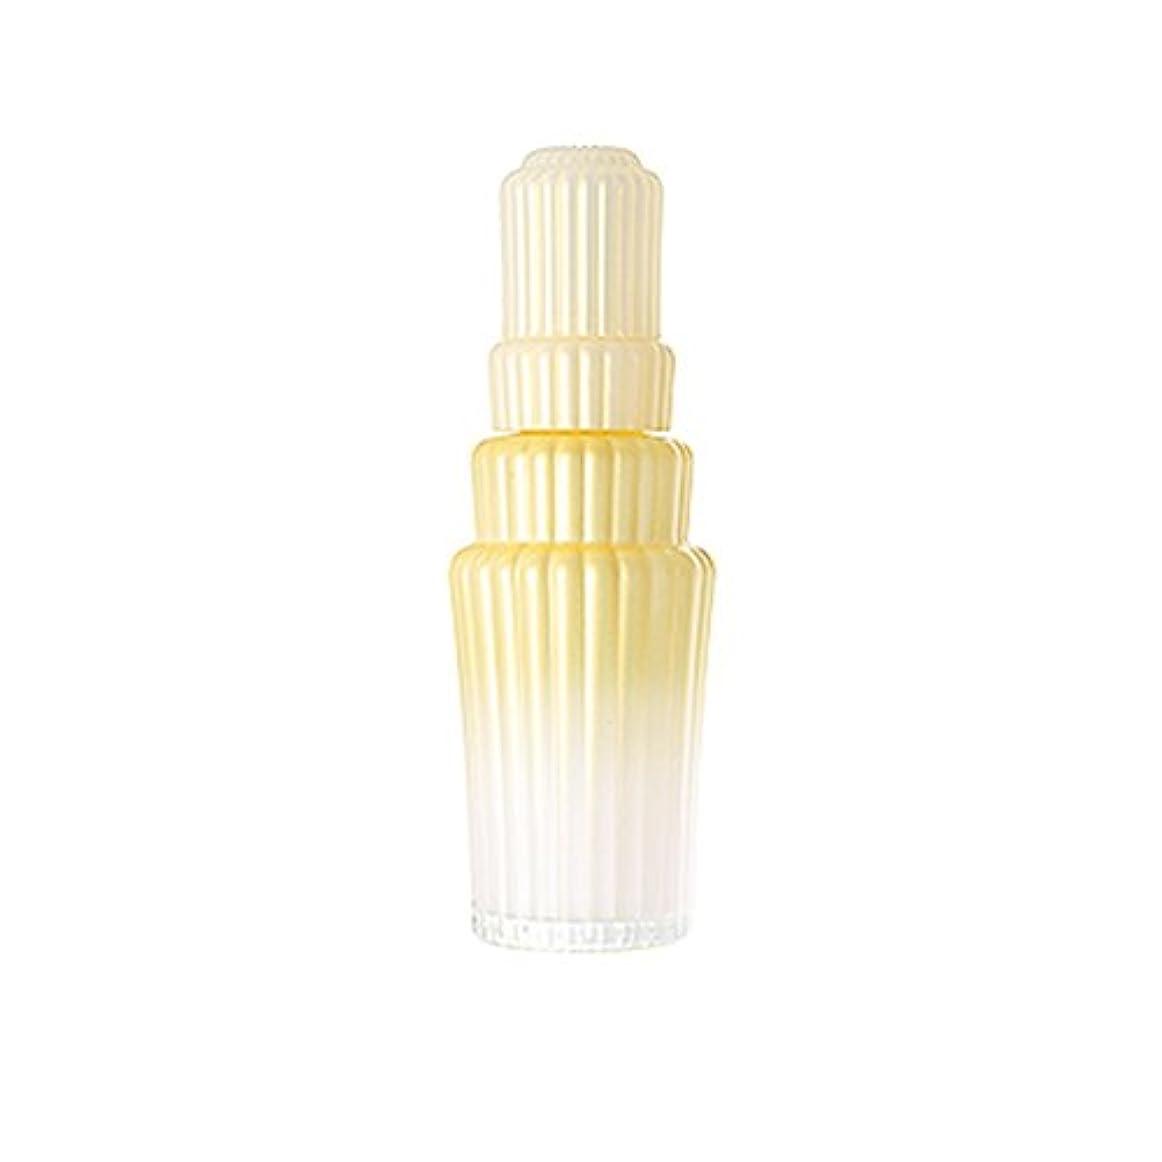 マダム分類店主アユーラ (AYURA) モイスチャライジングプライマー コンビネーションドライ W (医薬部外品) 100mL 〈美白化粧液〉 混合乾燥ケア うるおい アロマティックハーブの香り